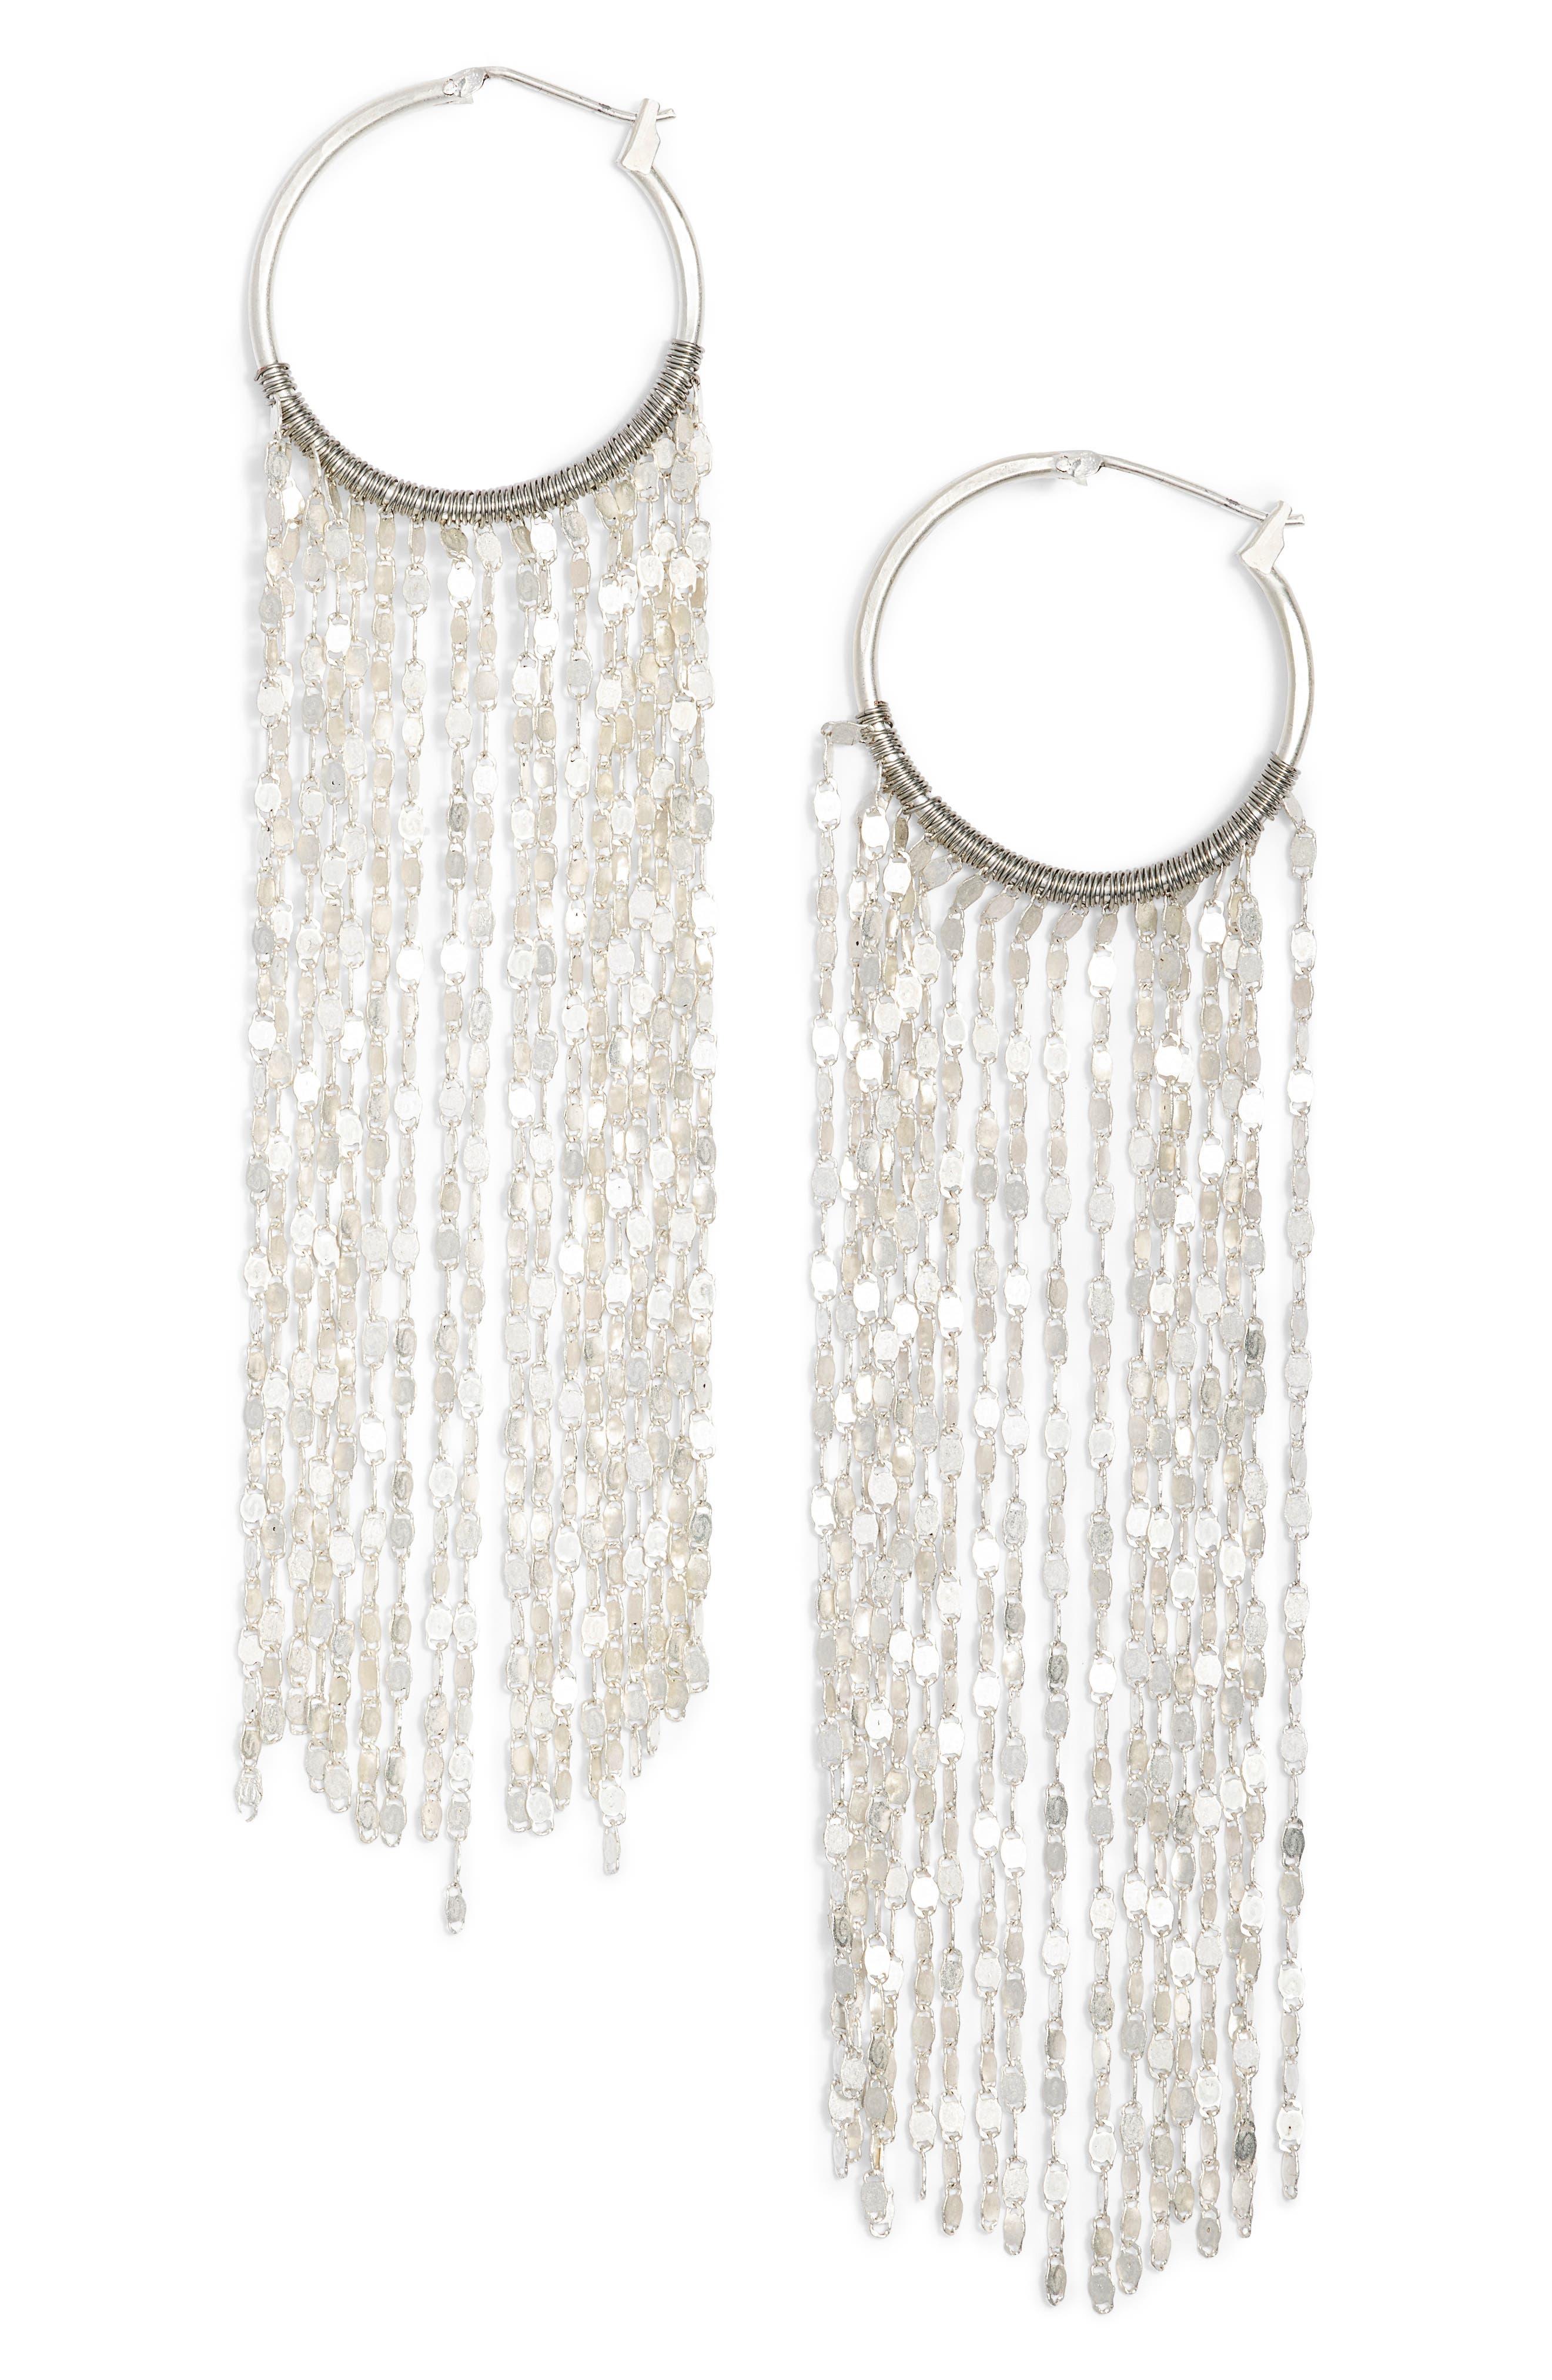 Waterfall Hoop Earrings,                         Main,                         color, Silver